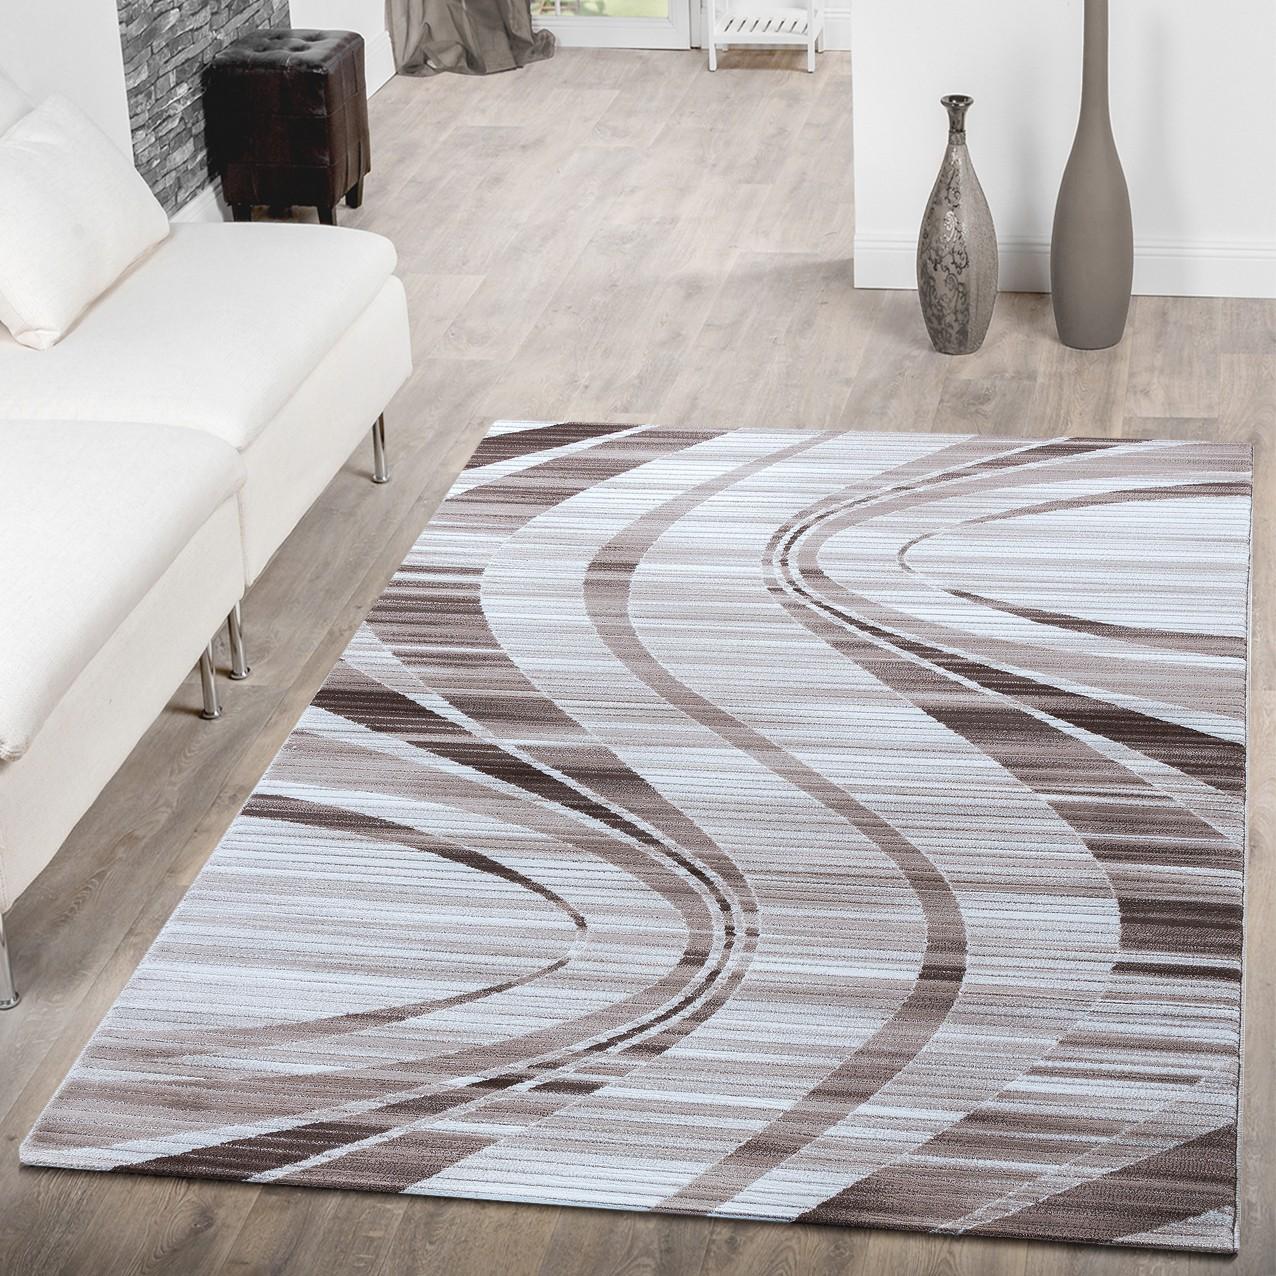 Teppich Wellen Muster Beige Creme